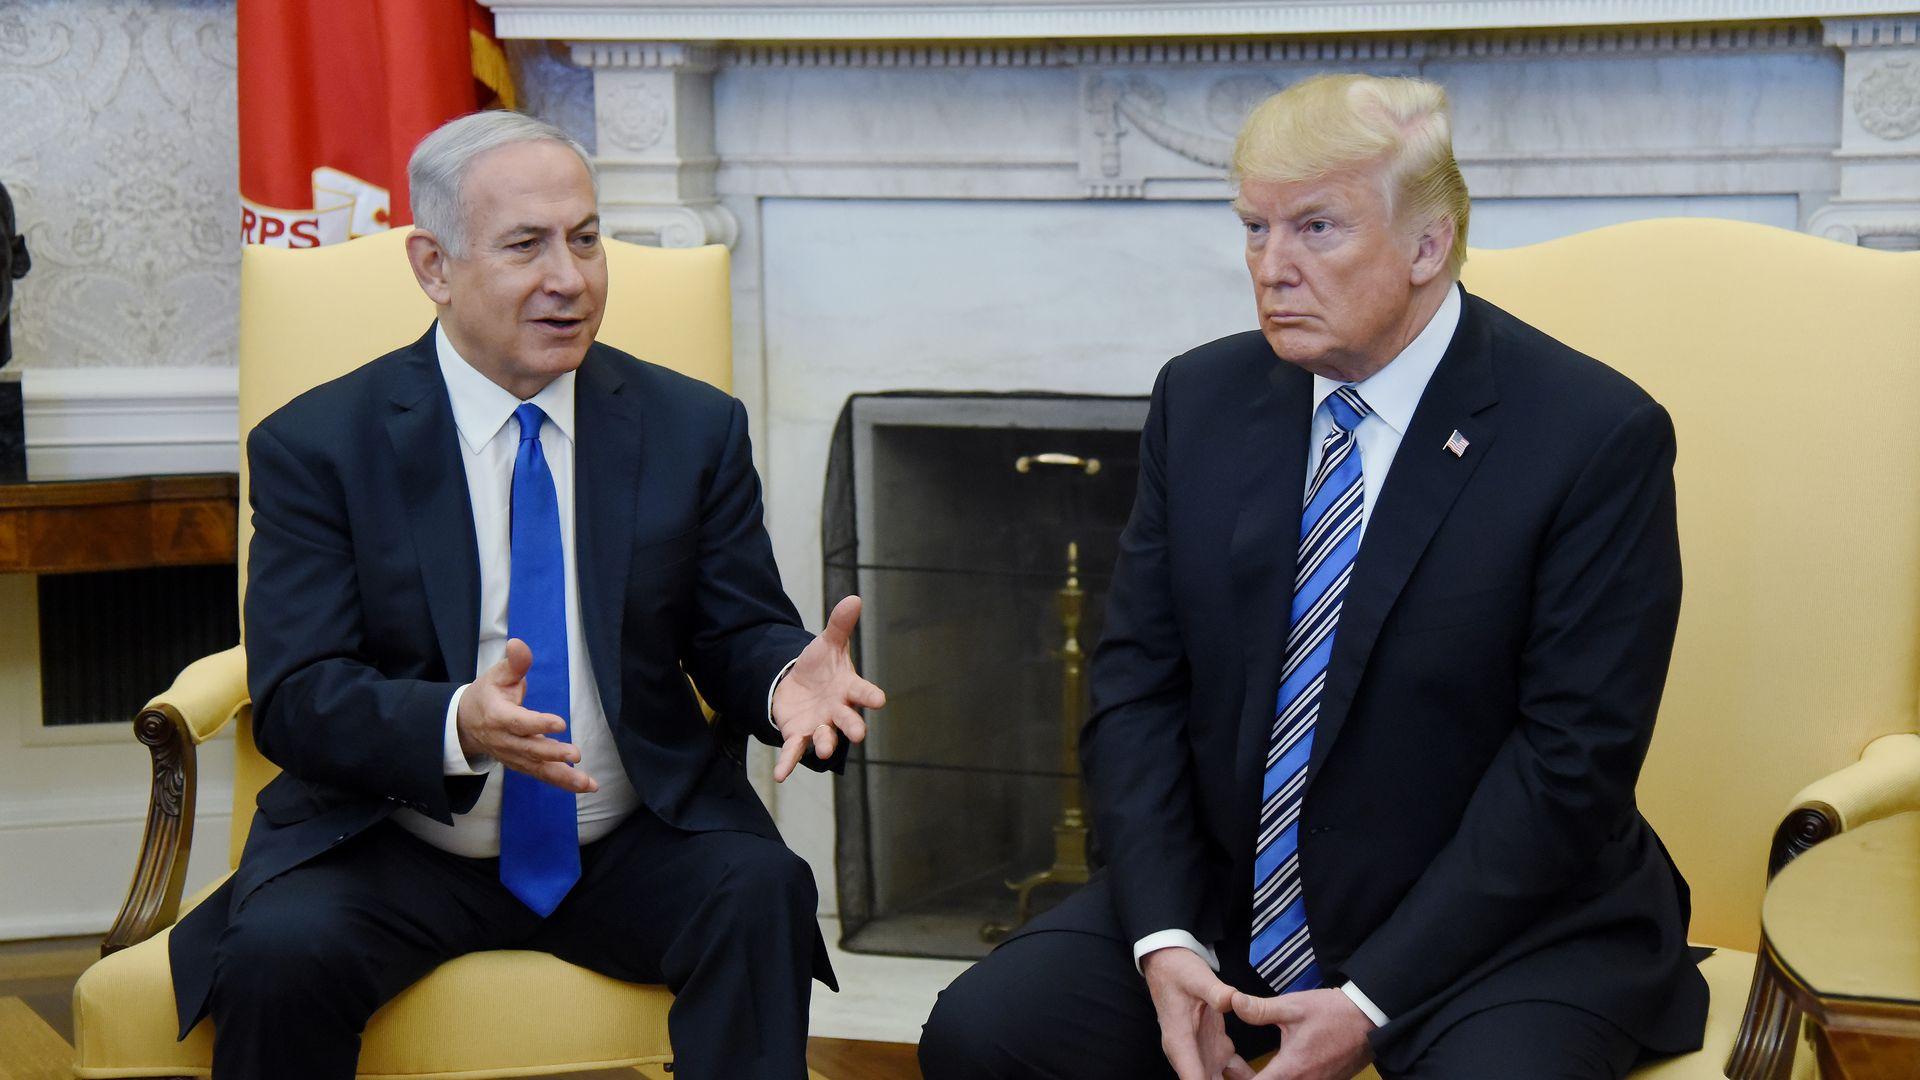 Trump, Netanyahu